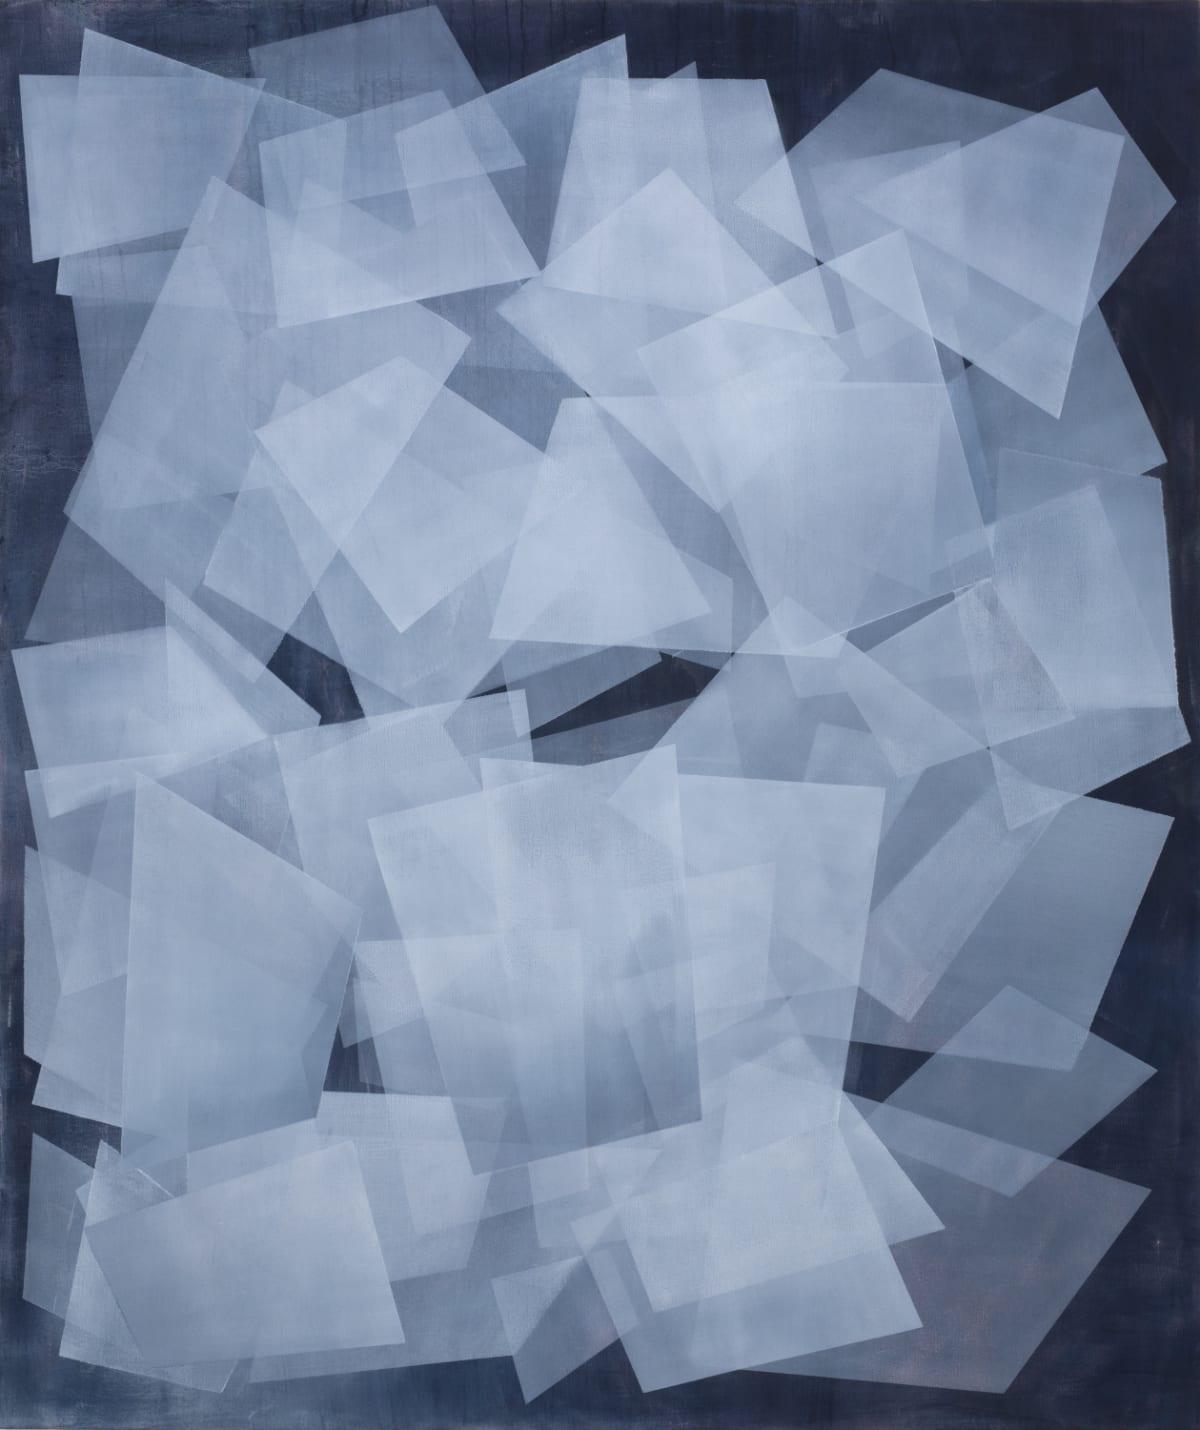 Katherine Spindler, Reconfiguring, 2019